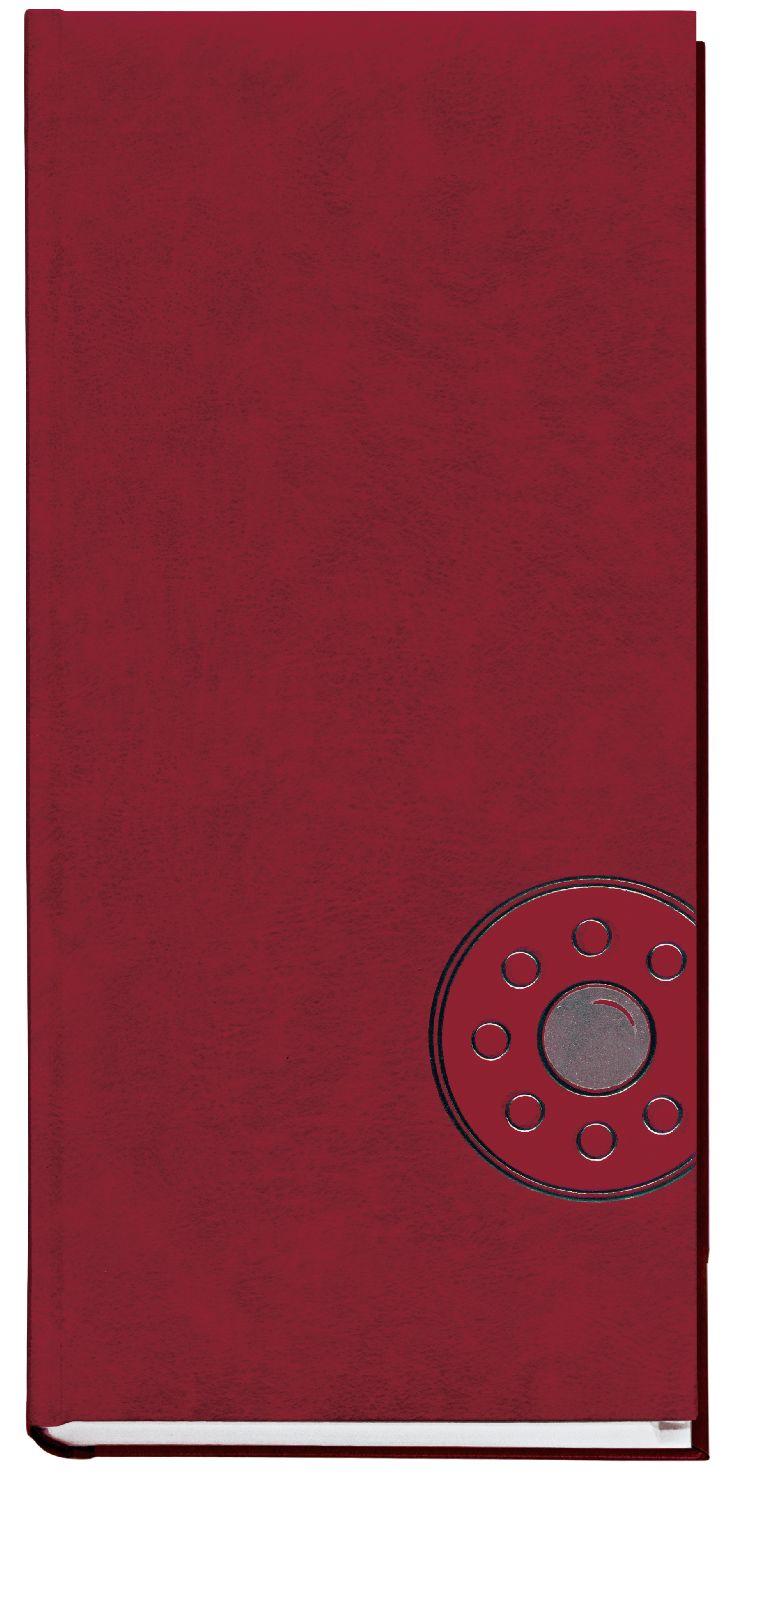 Алфавитка А4- (135*285мм), 176л., баладек,  бордо